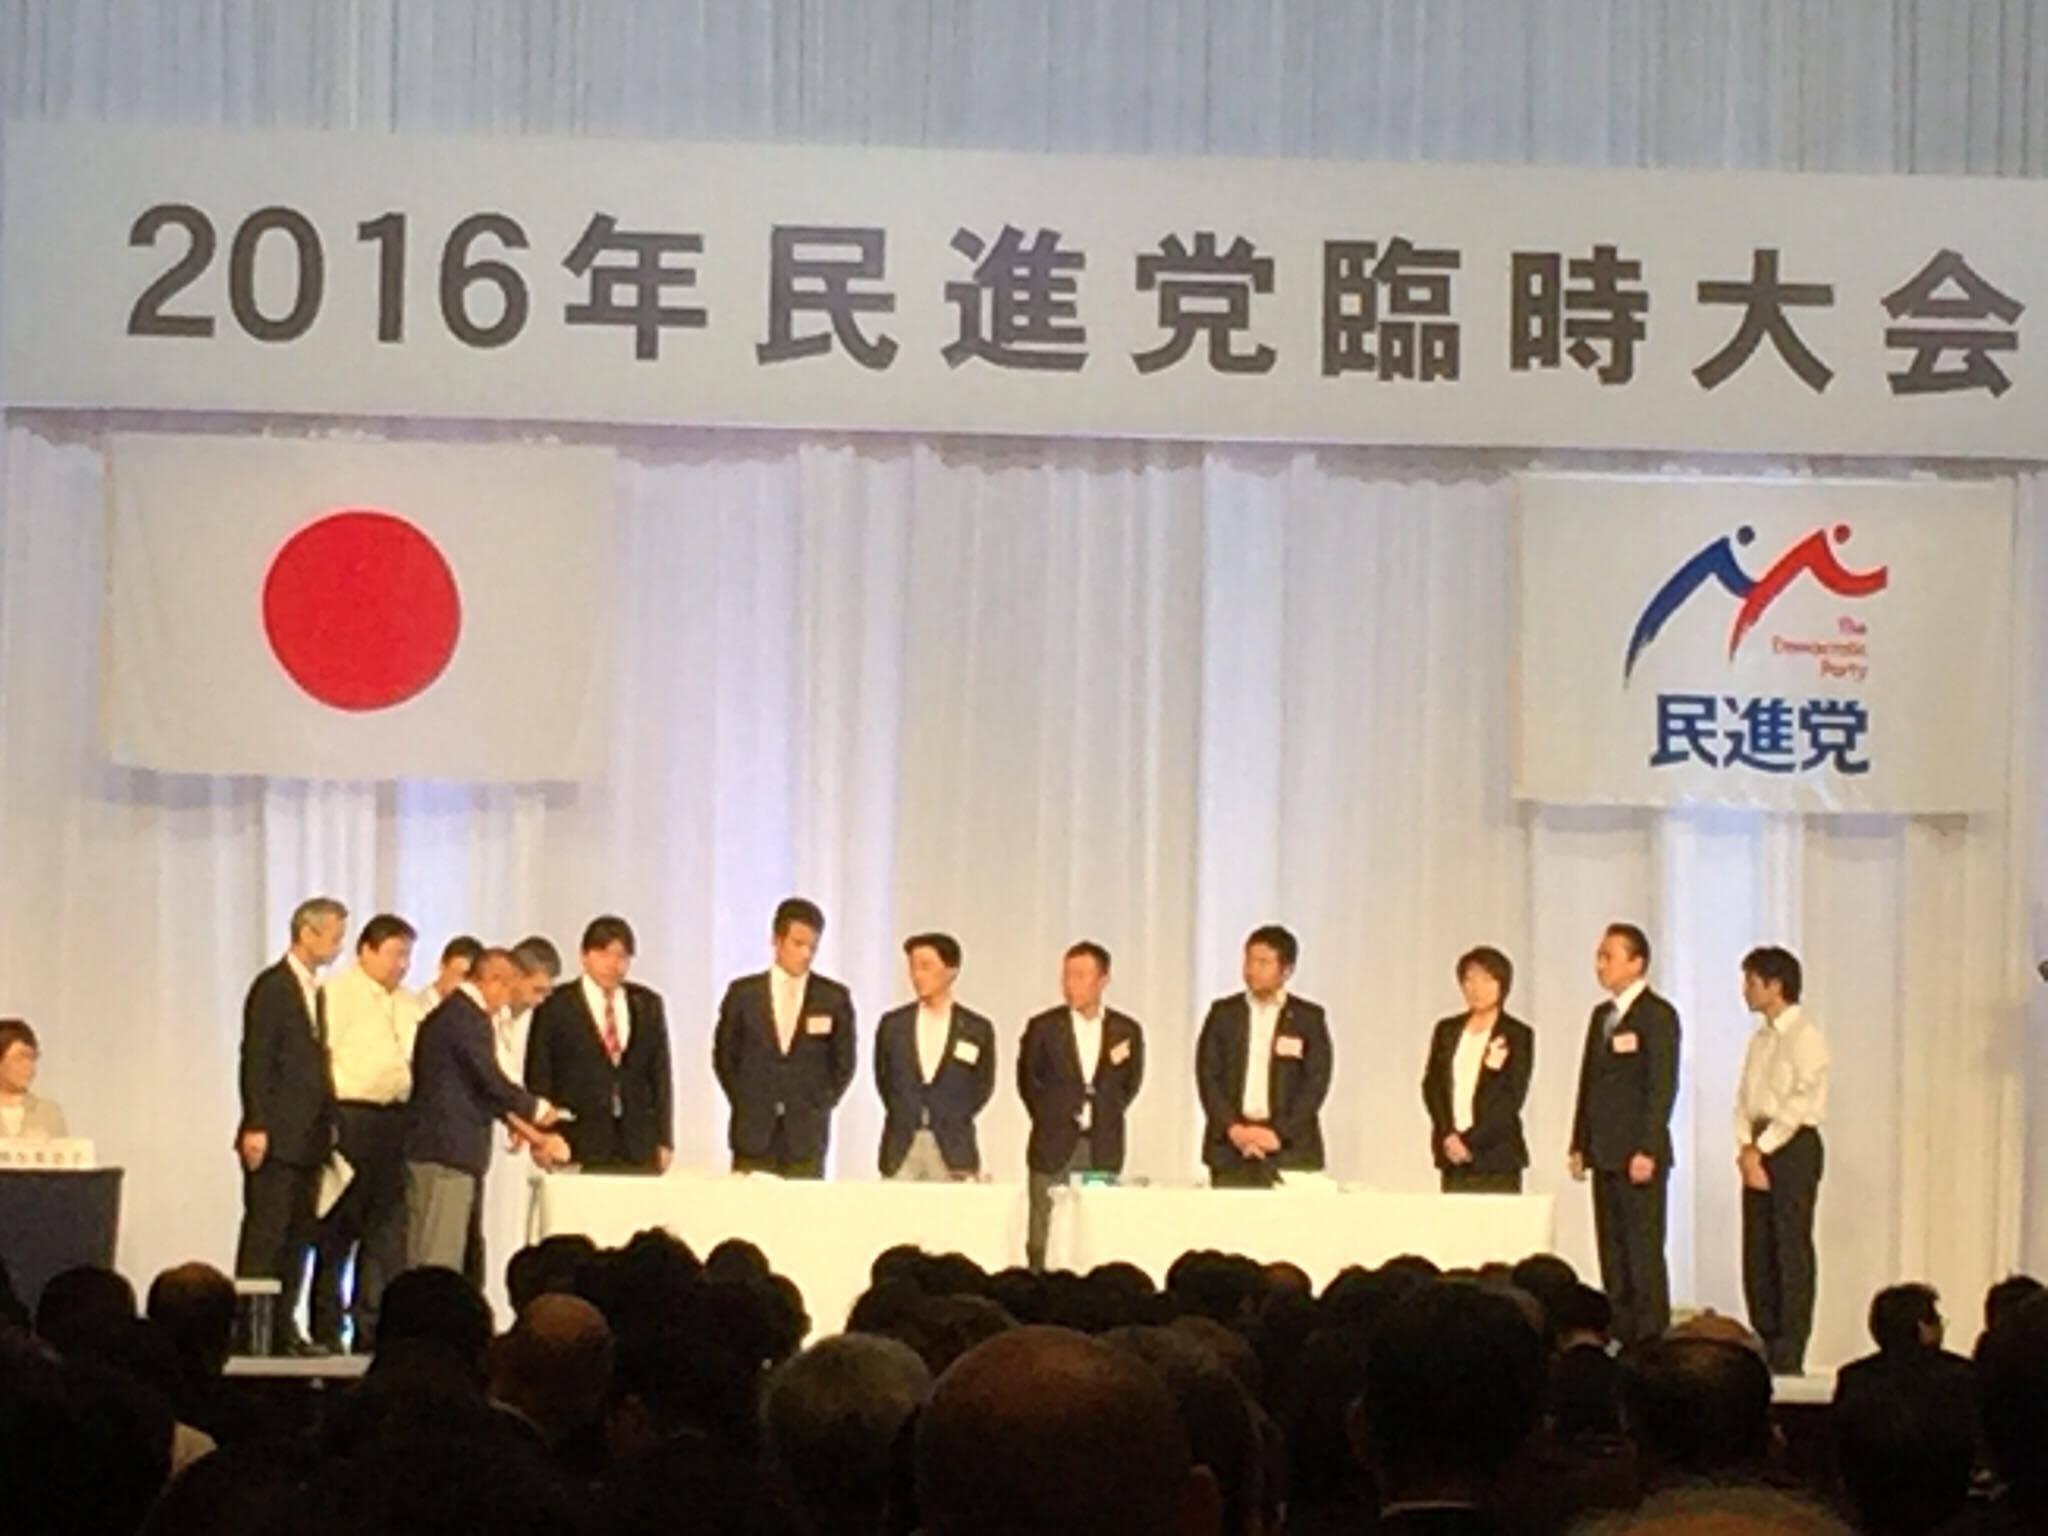 民進党代表選挙